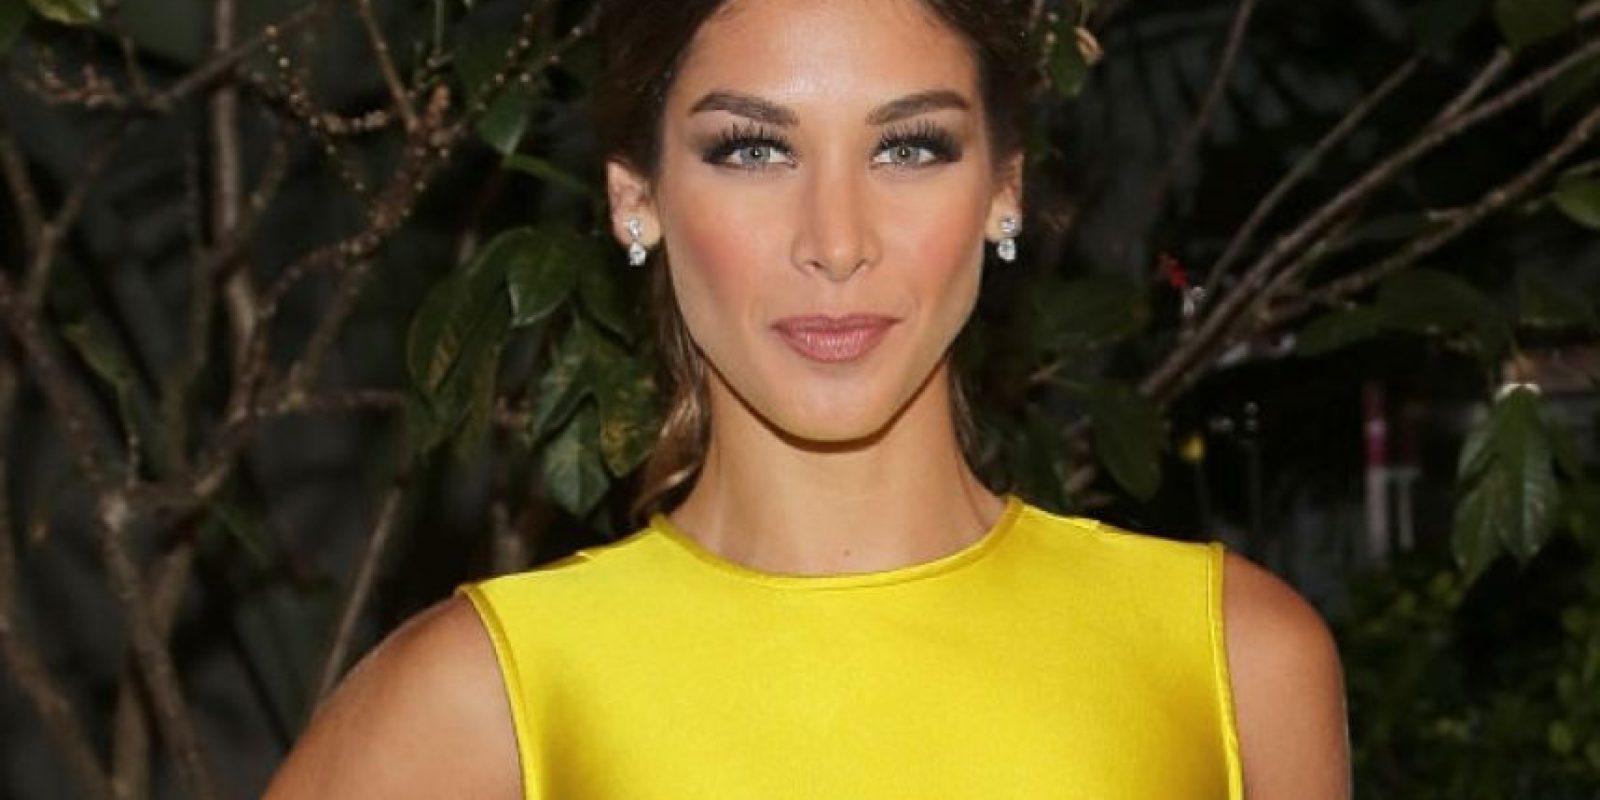 Pero Miss Universo tomó las fotos como artísticas. Foto:vía Getty Images